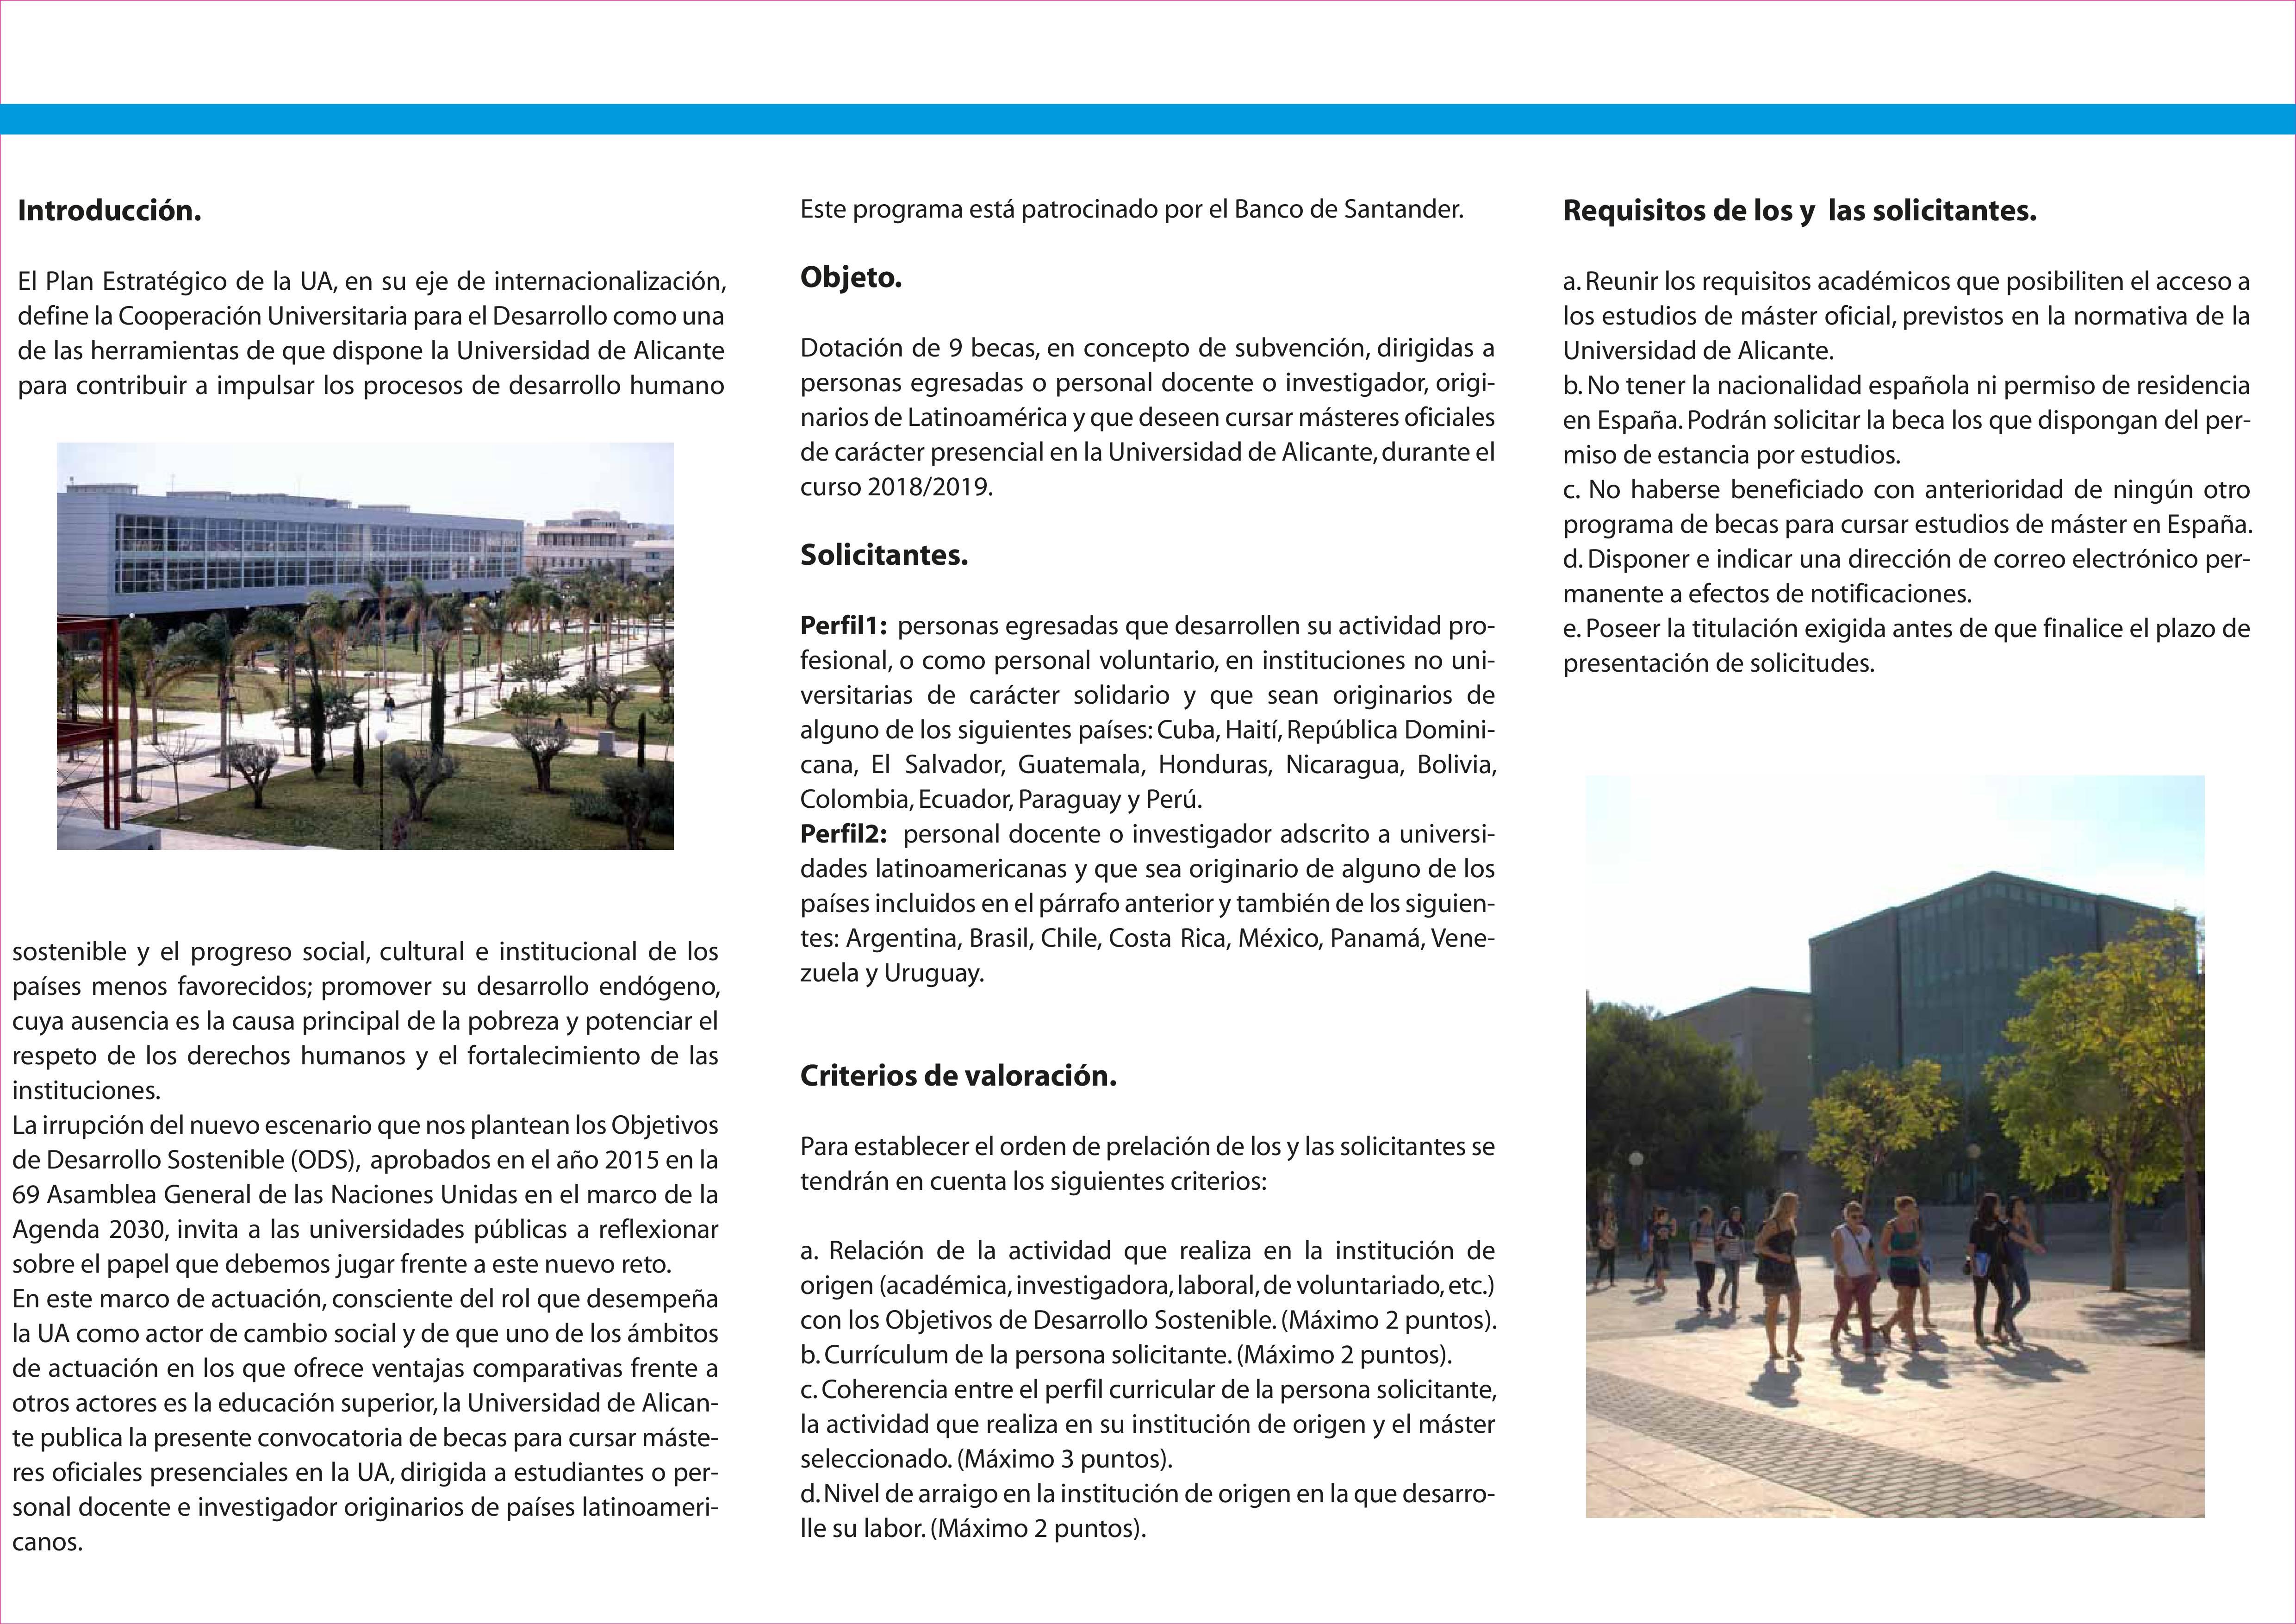 Triptico Banco Santander 2018-2